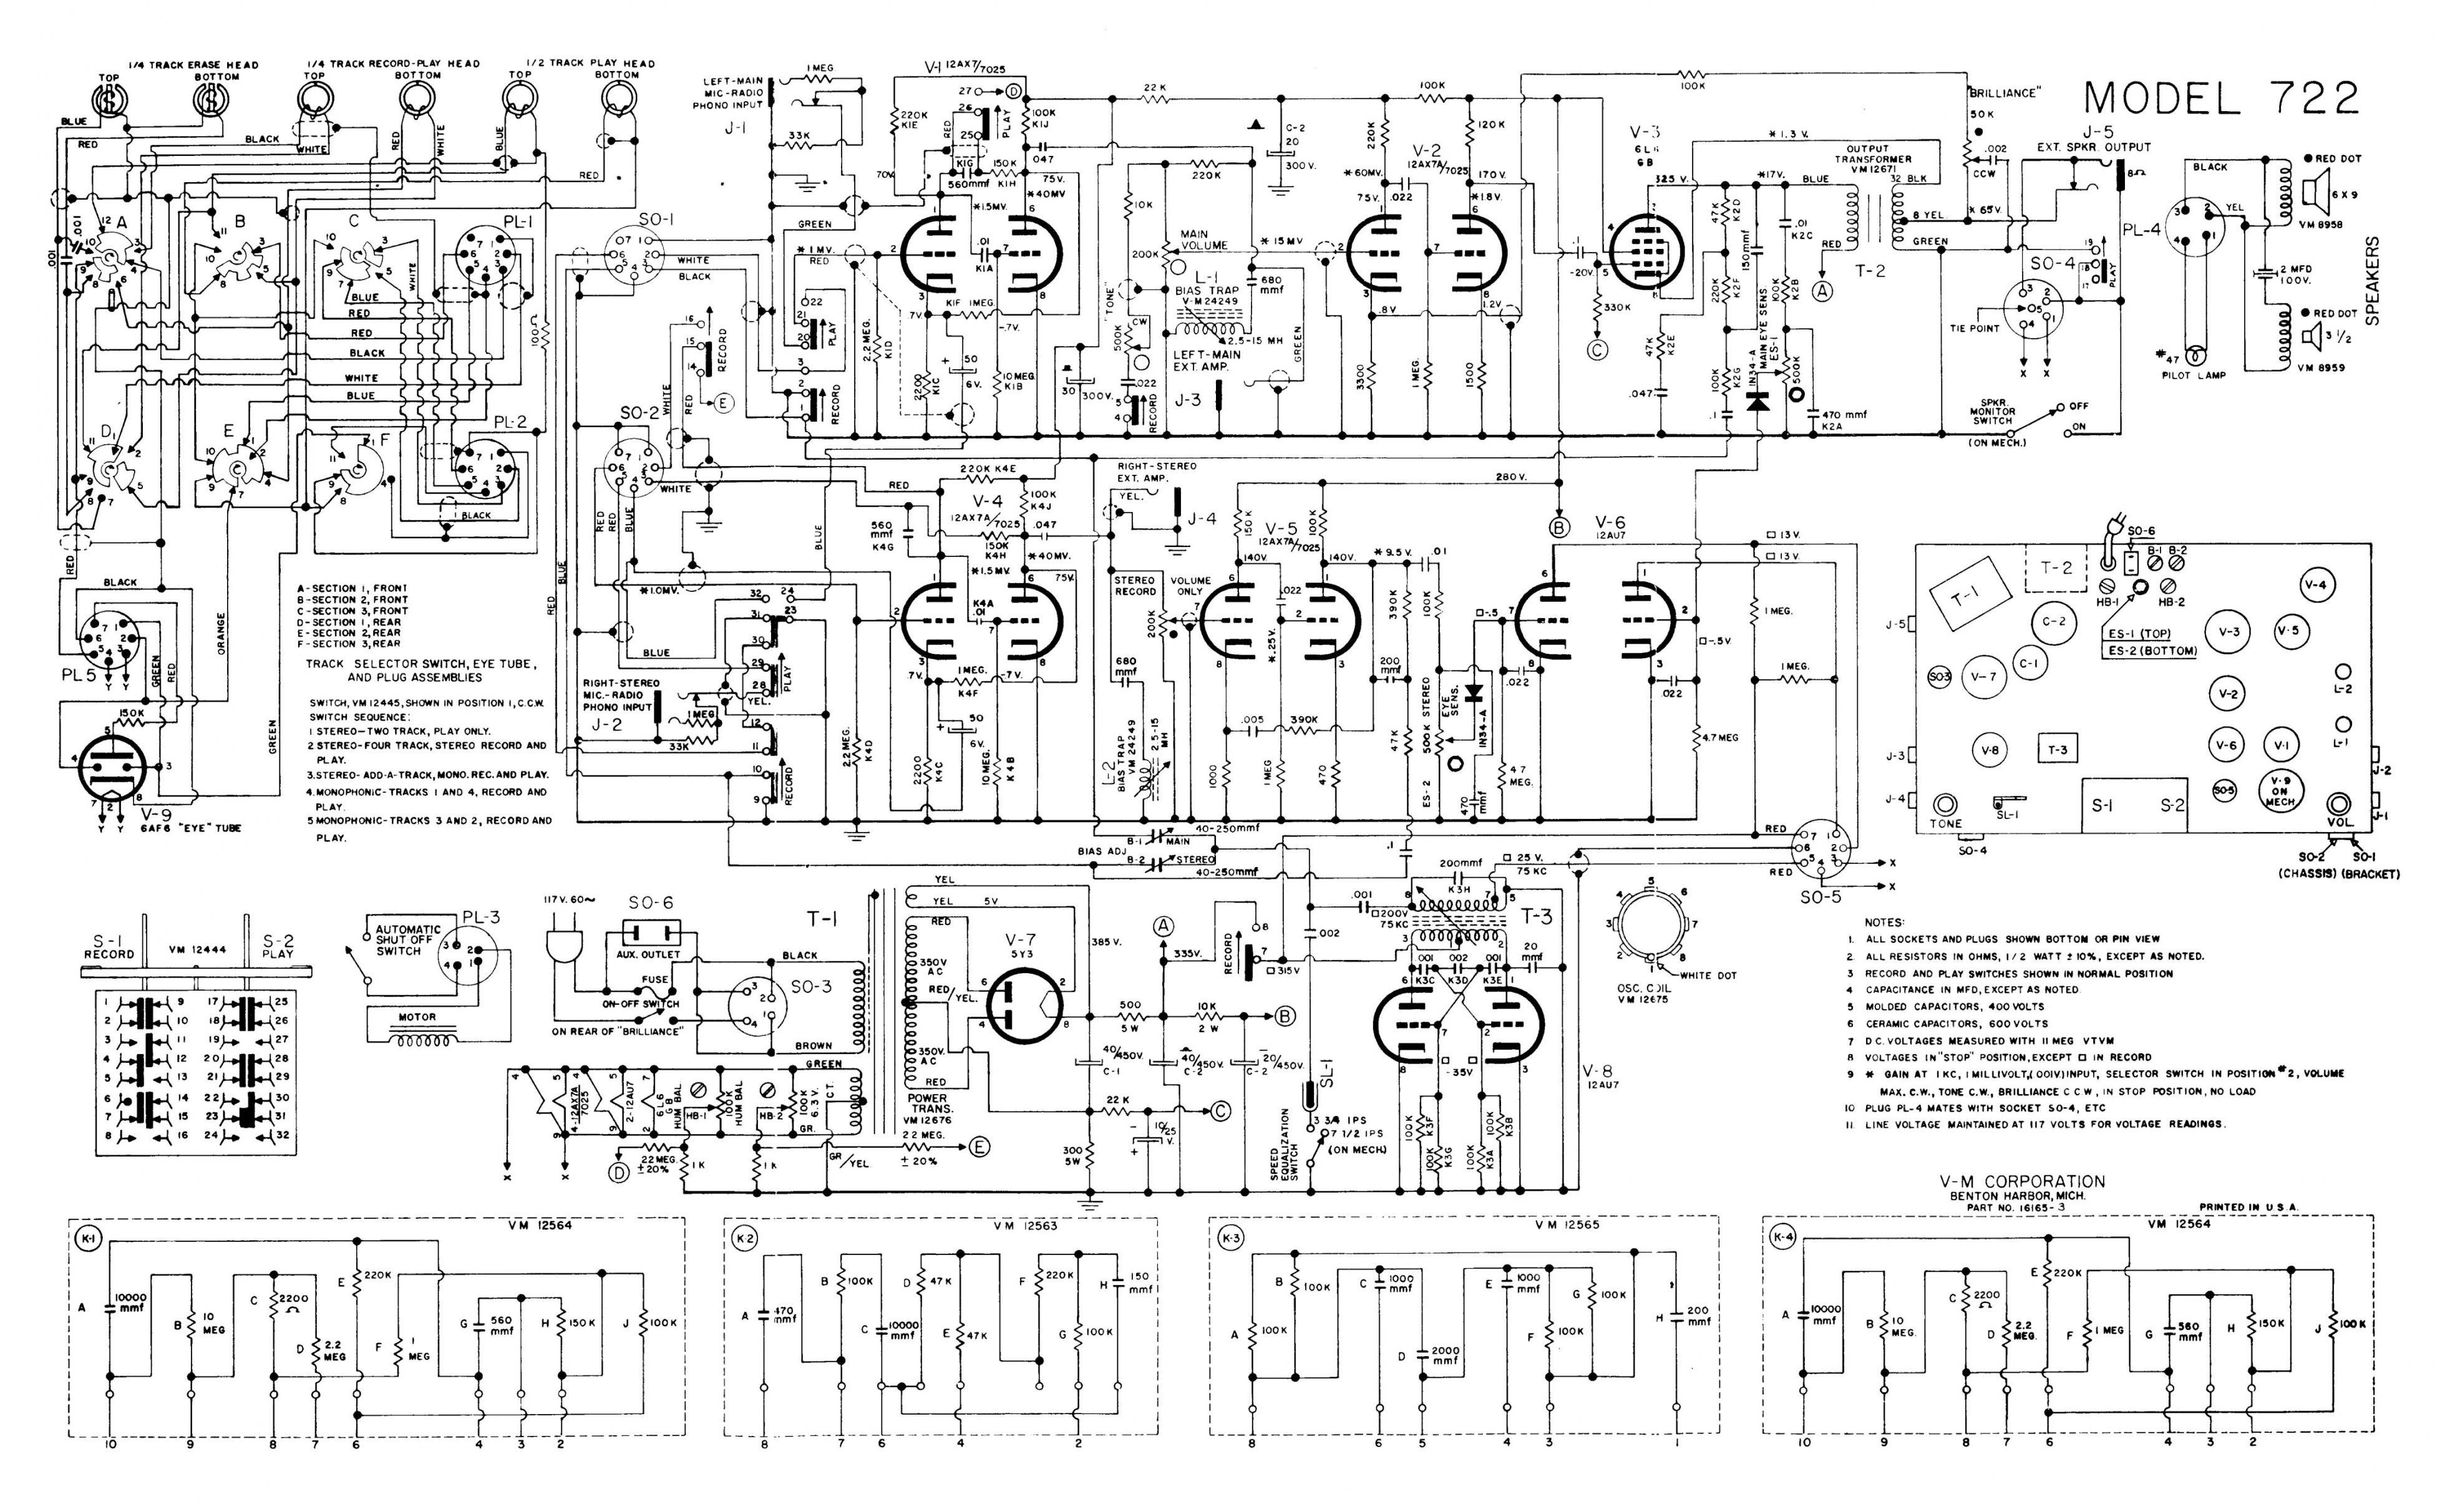 Voice of Music Reel-Reel schematic needed-voiceofmusic_722_schematic-jpg